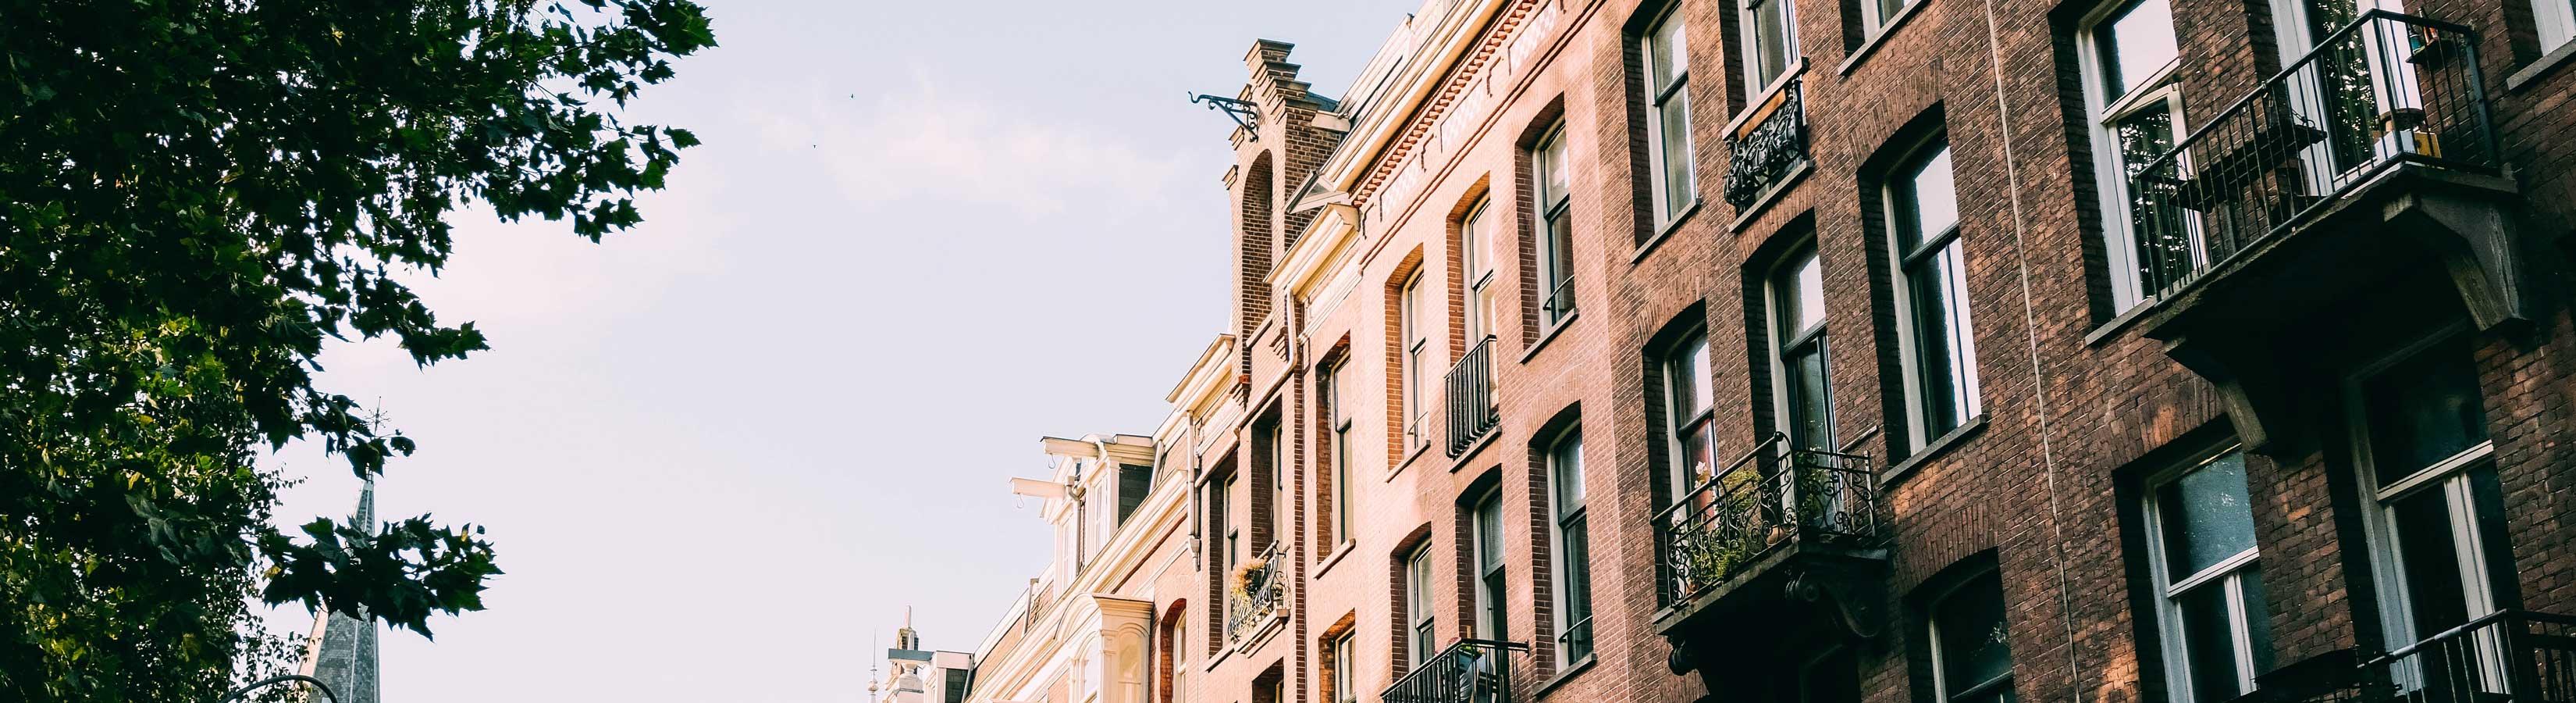 Wat-doet-de-huizenmarkt-tijdens-corona